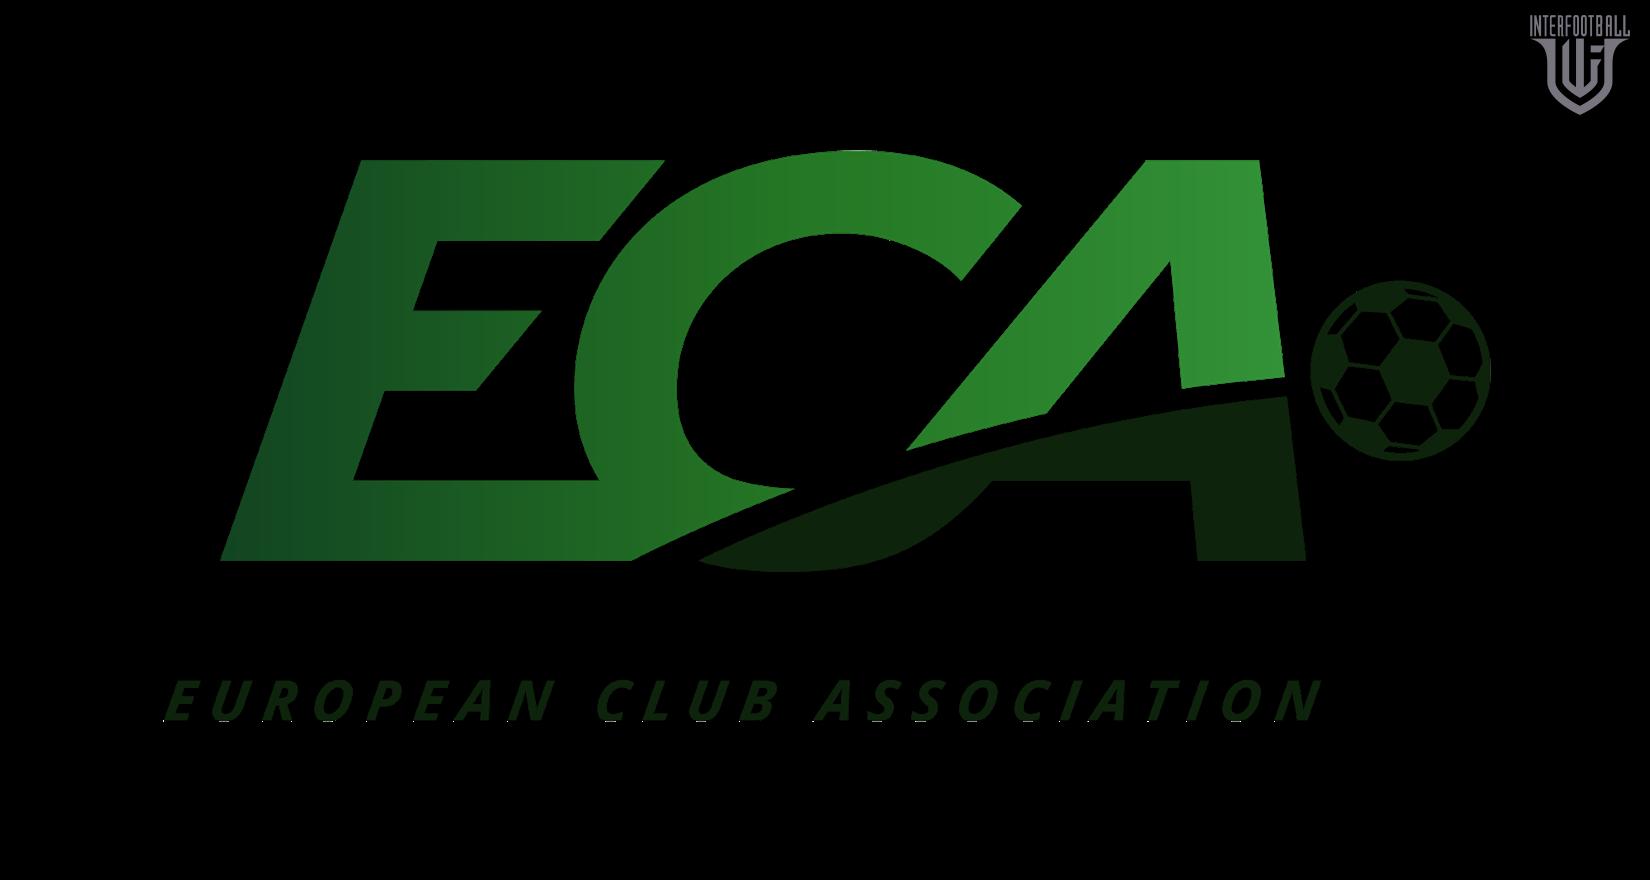 Պաշտոնական. 9 գրանդ ակումբներ վերադարձան Եվրոպական ակումբների միություն